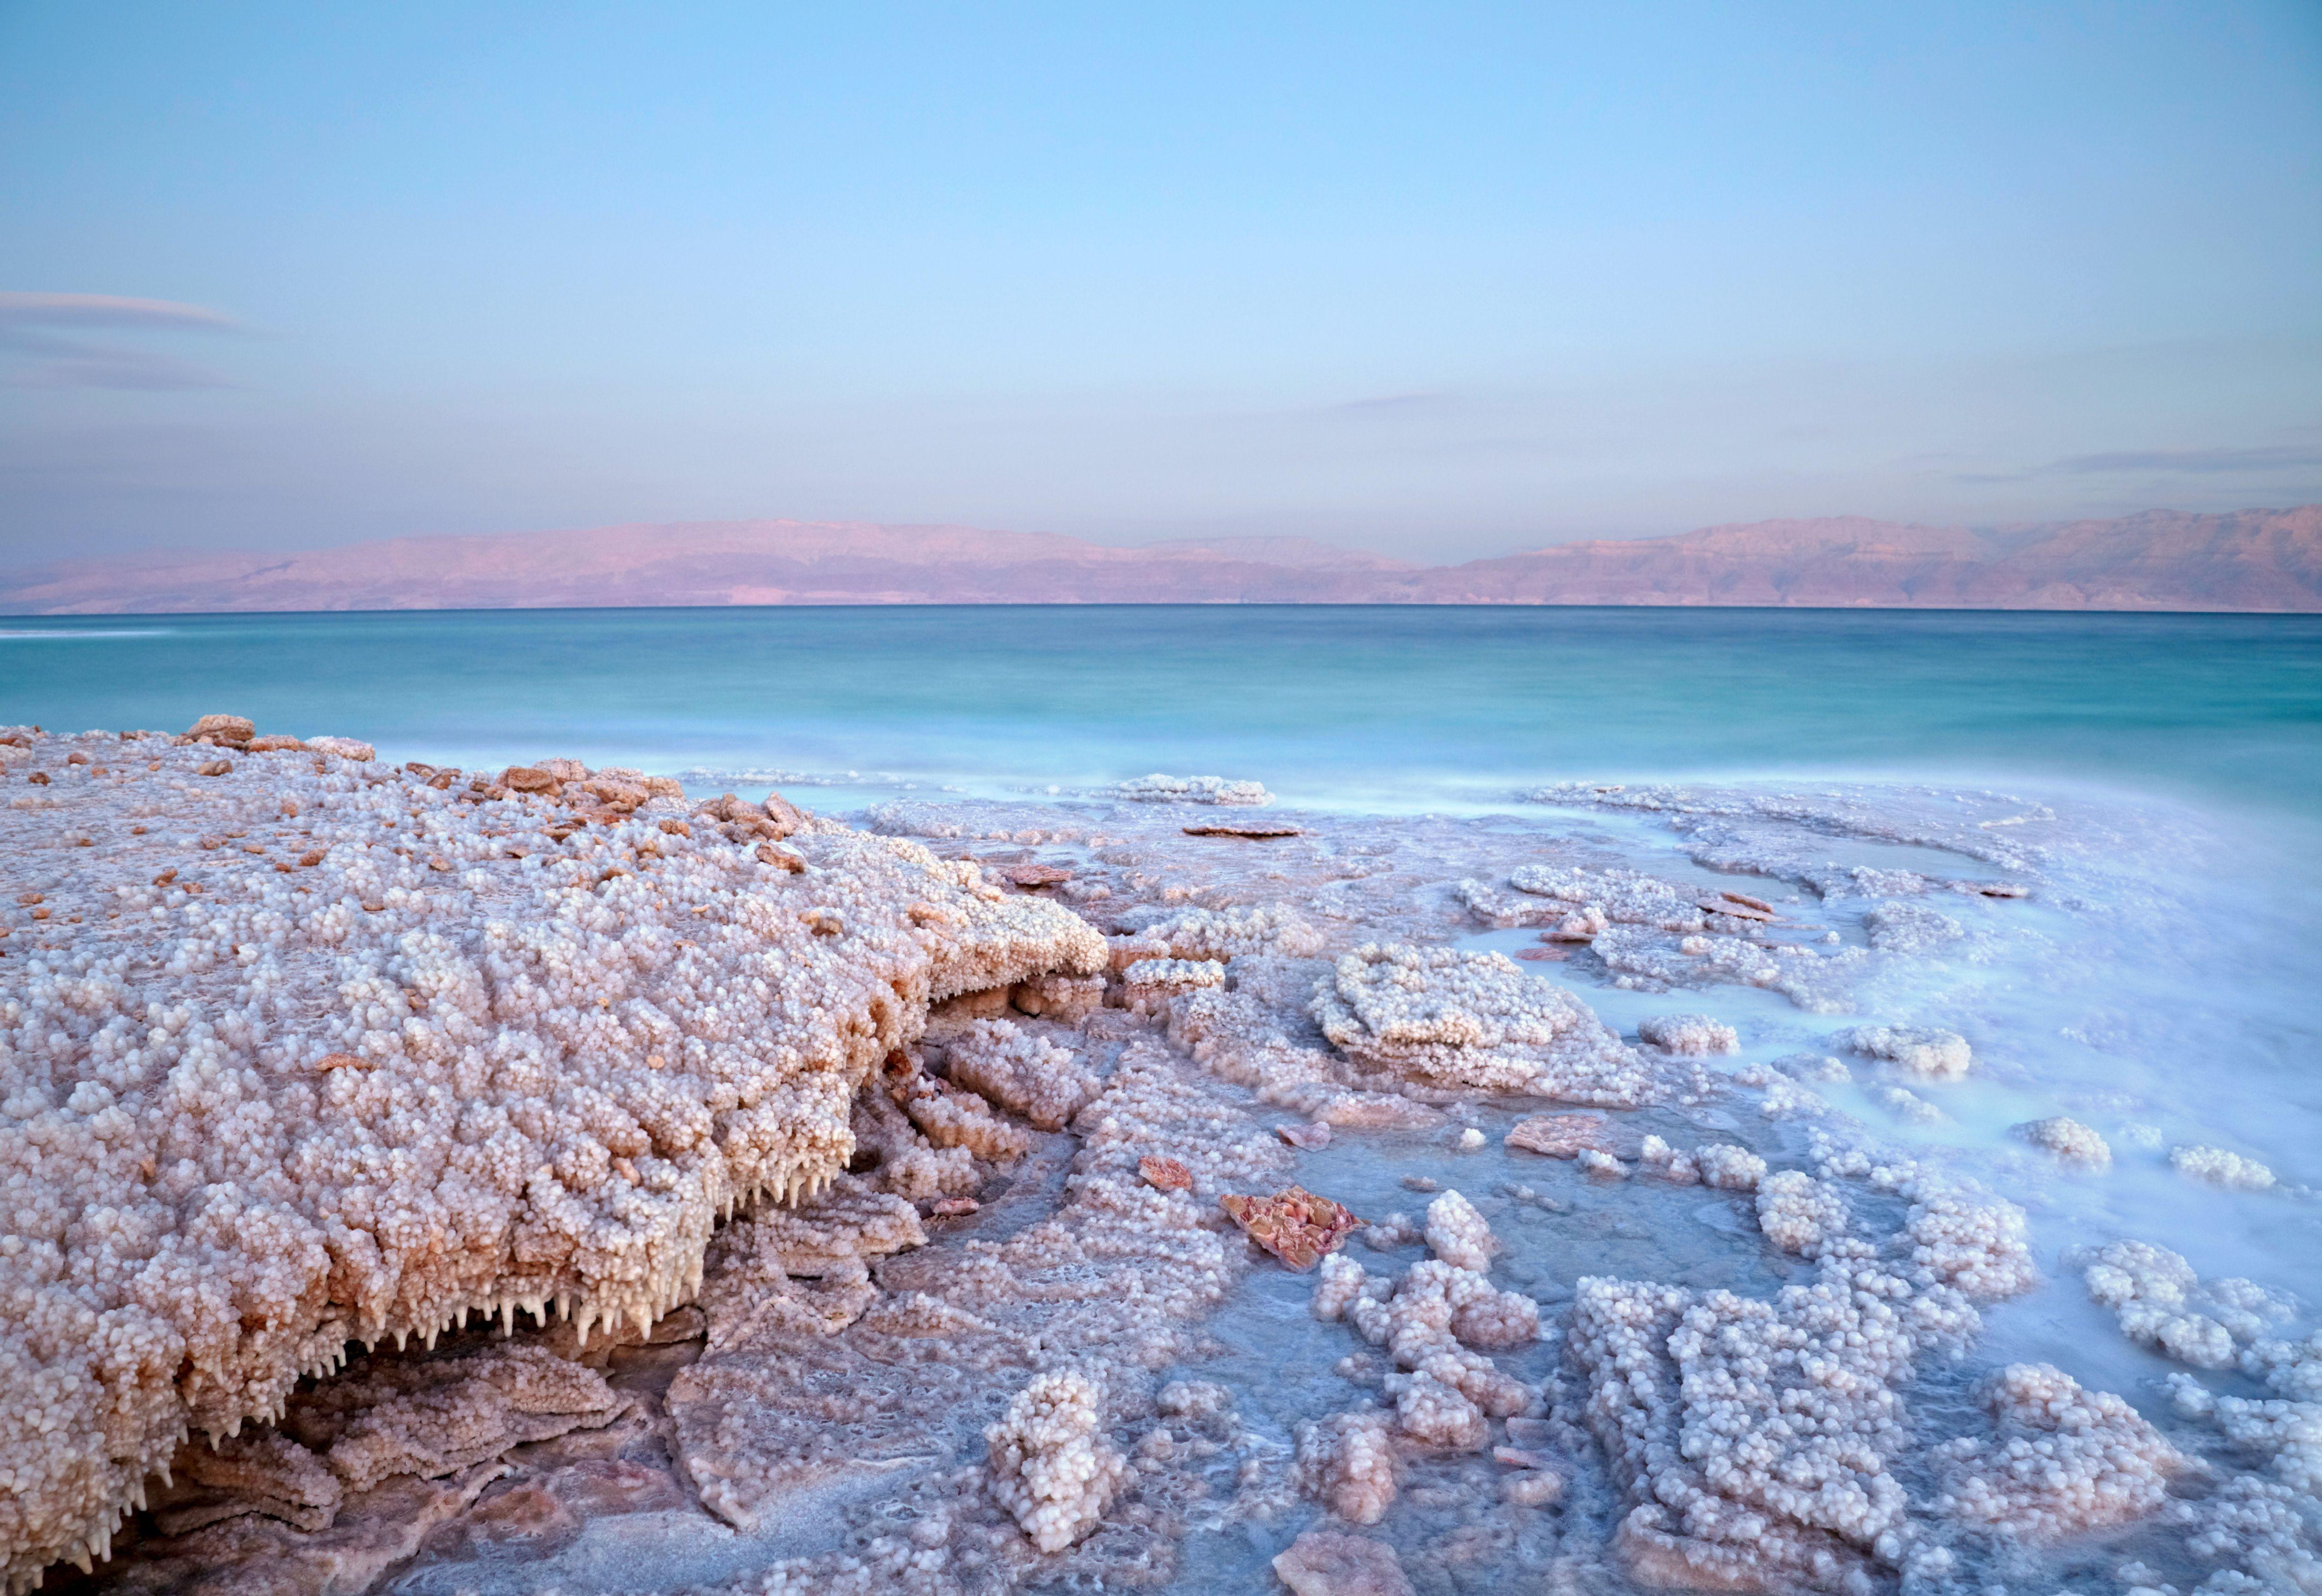 Yuckadoo Goop Tales Sea Pictures Dead Sea Photo